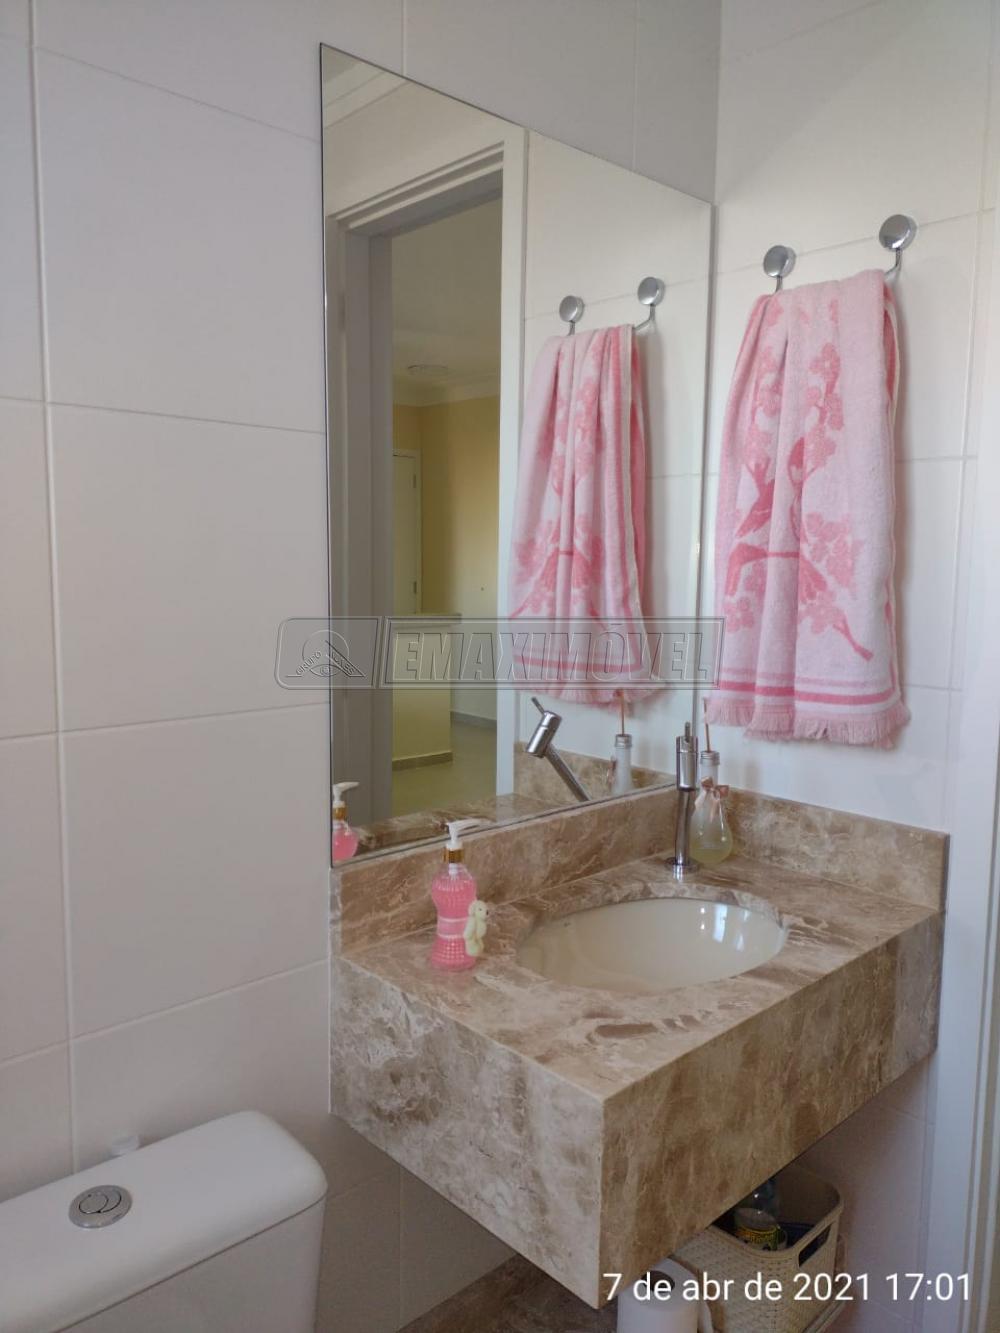 Comprar Apartamentos / Apto Padrão em Sorocaba R$ 280.000,00 - Foto 16